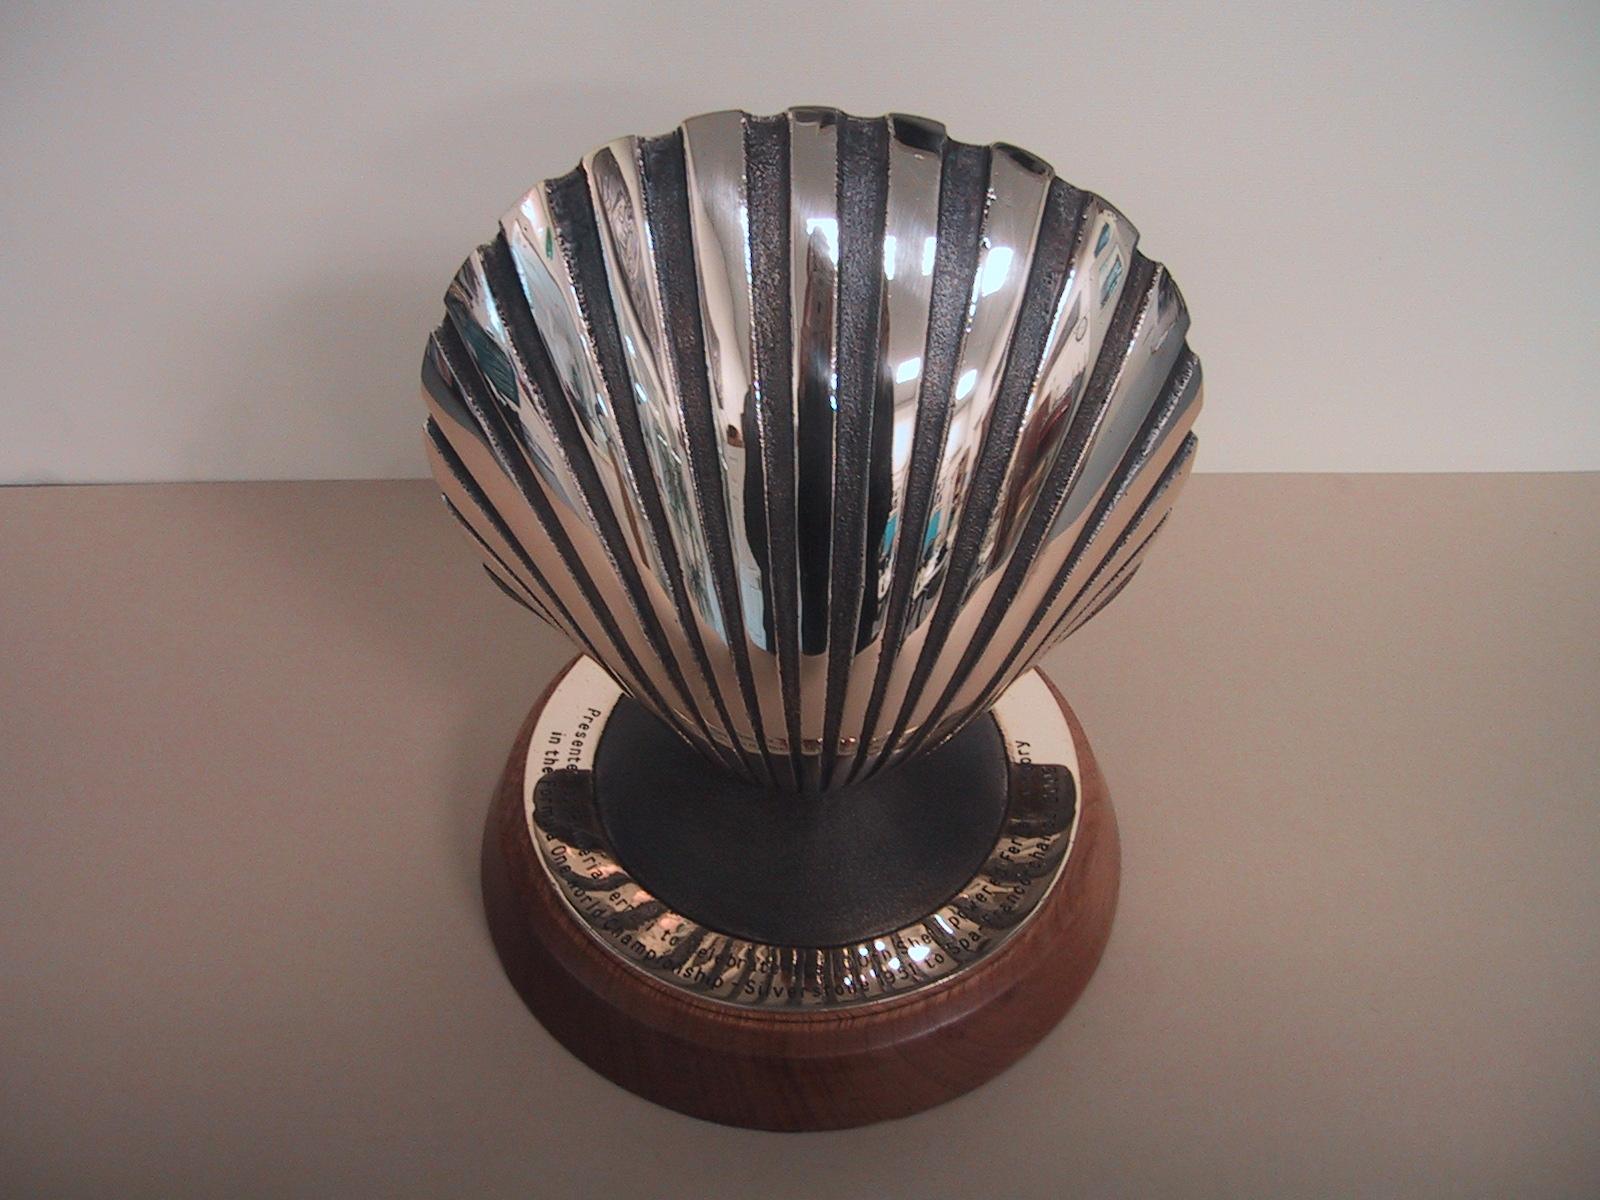 Shell Award